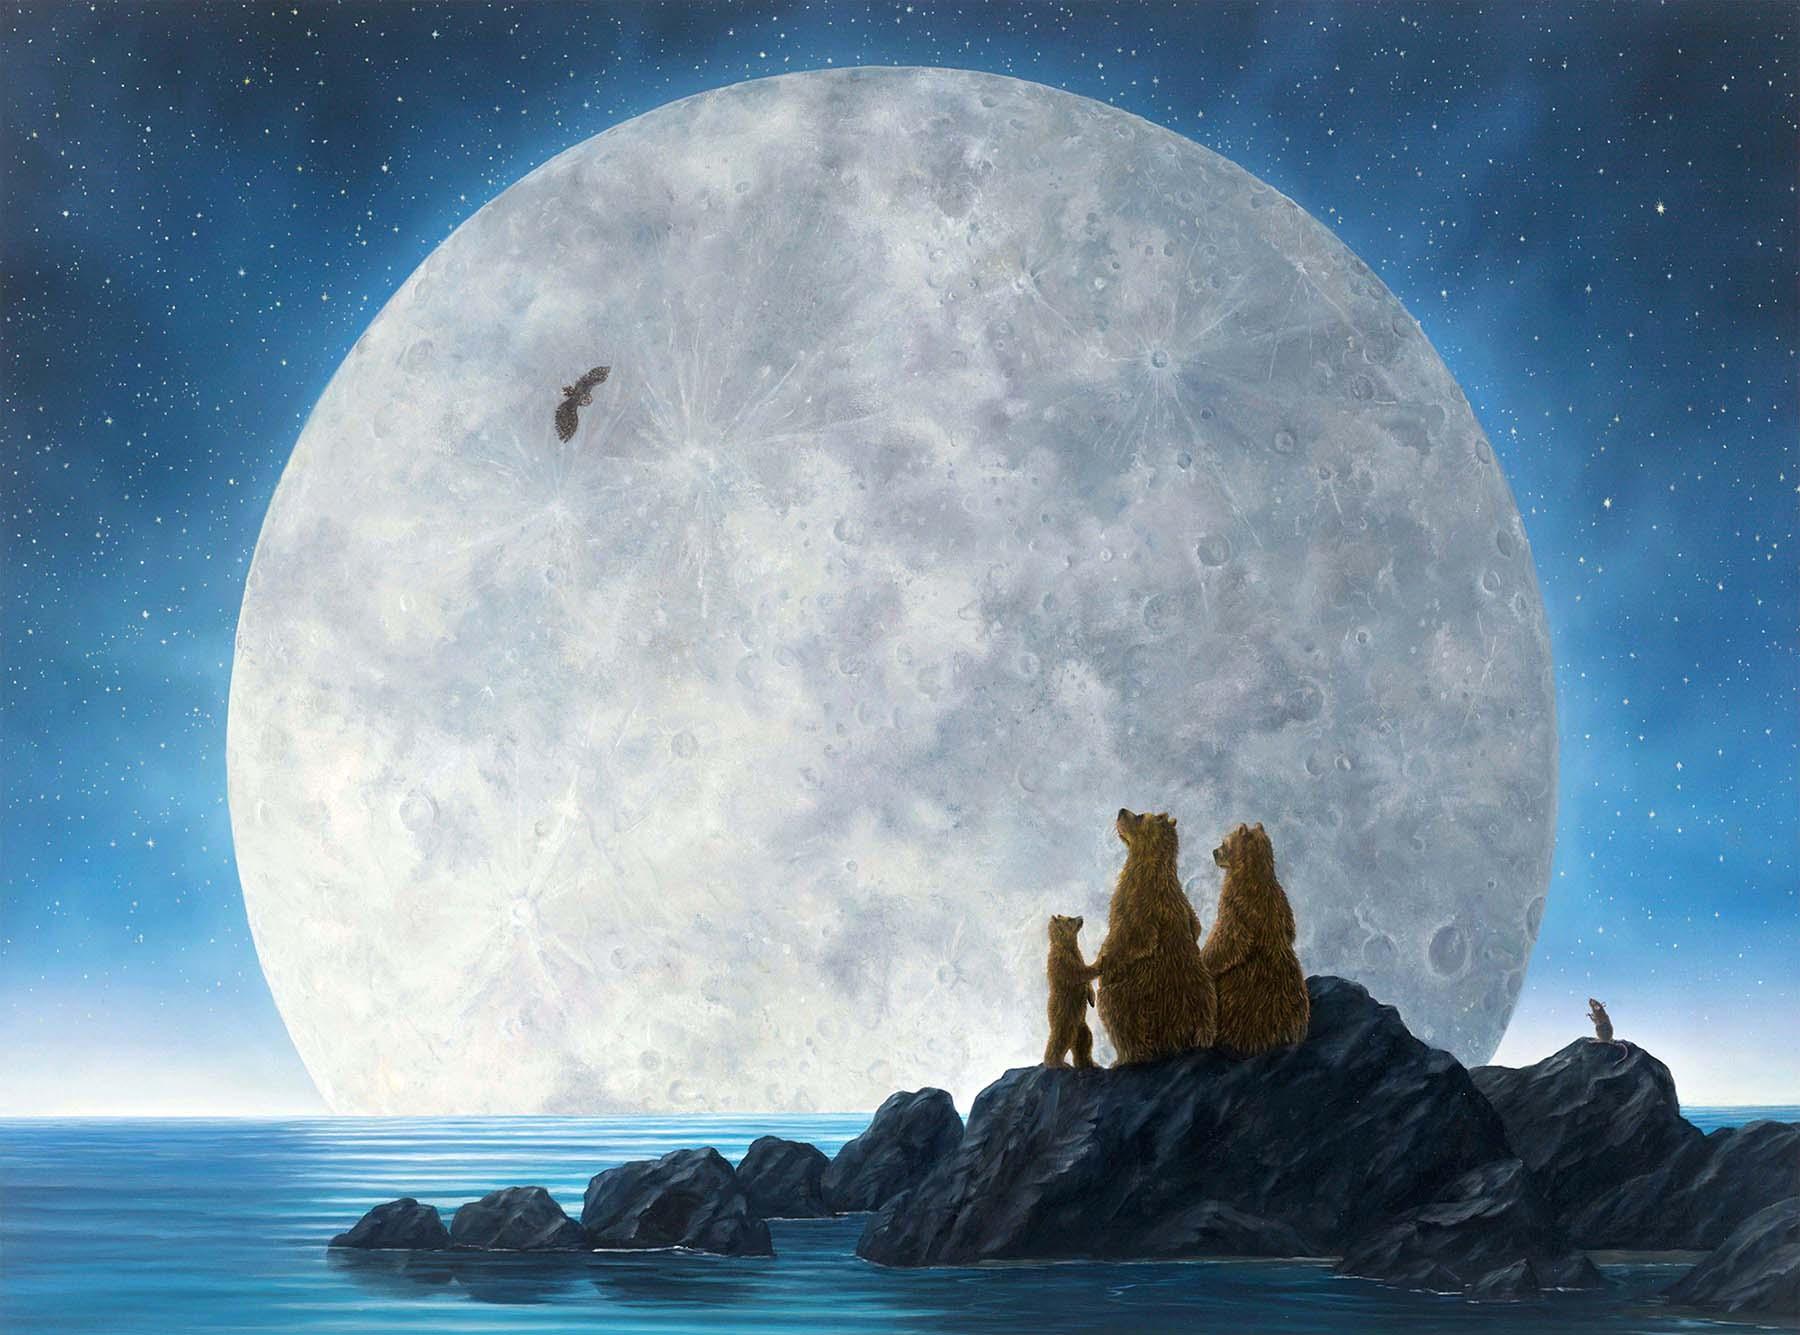 Moonlighters - Robert Bissell